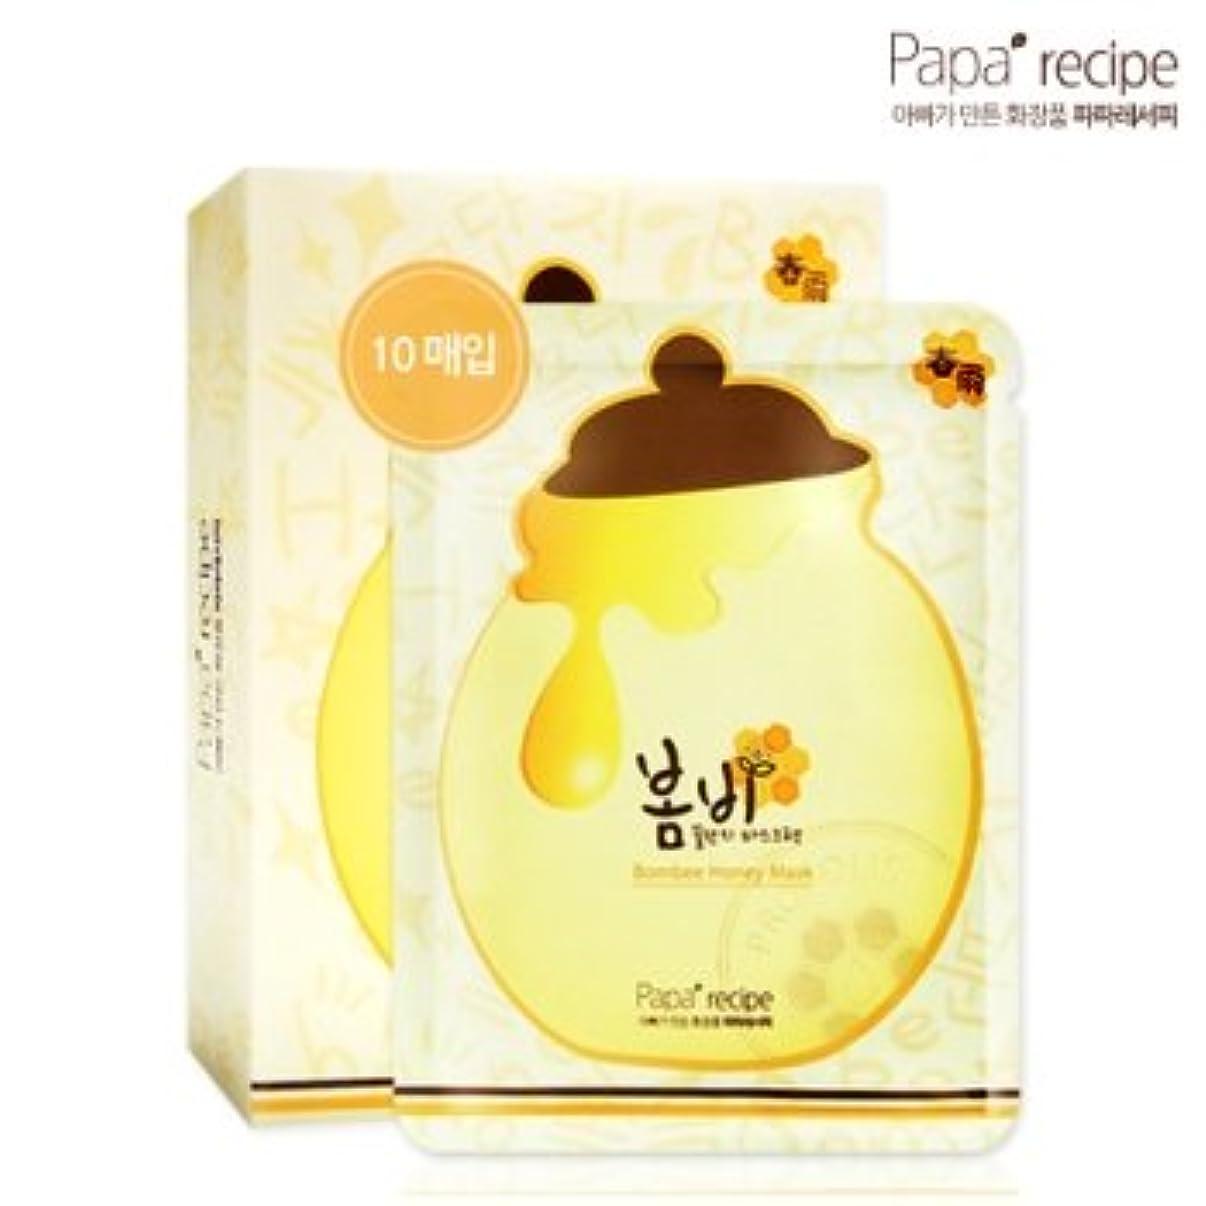 焦がすカエル質素なパパレシピ(Paparecipe) 春雨蜜ツボマスクシート10枚(Paparecipe Bombee Honey Mask Sheet 10ea)[並行輸入品]